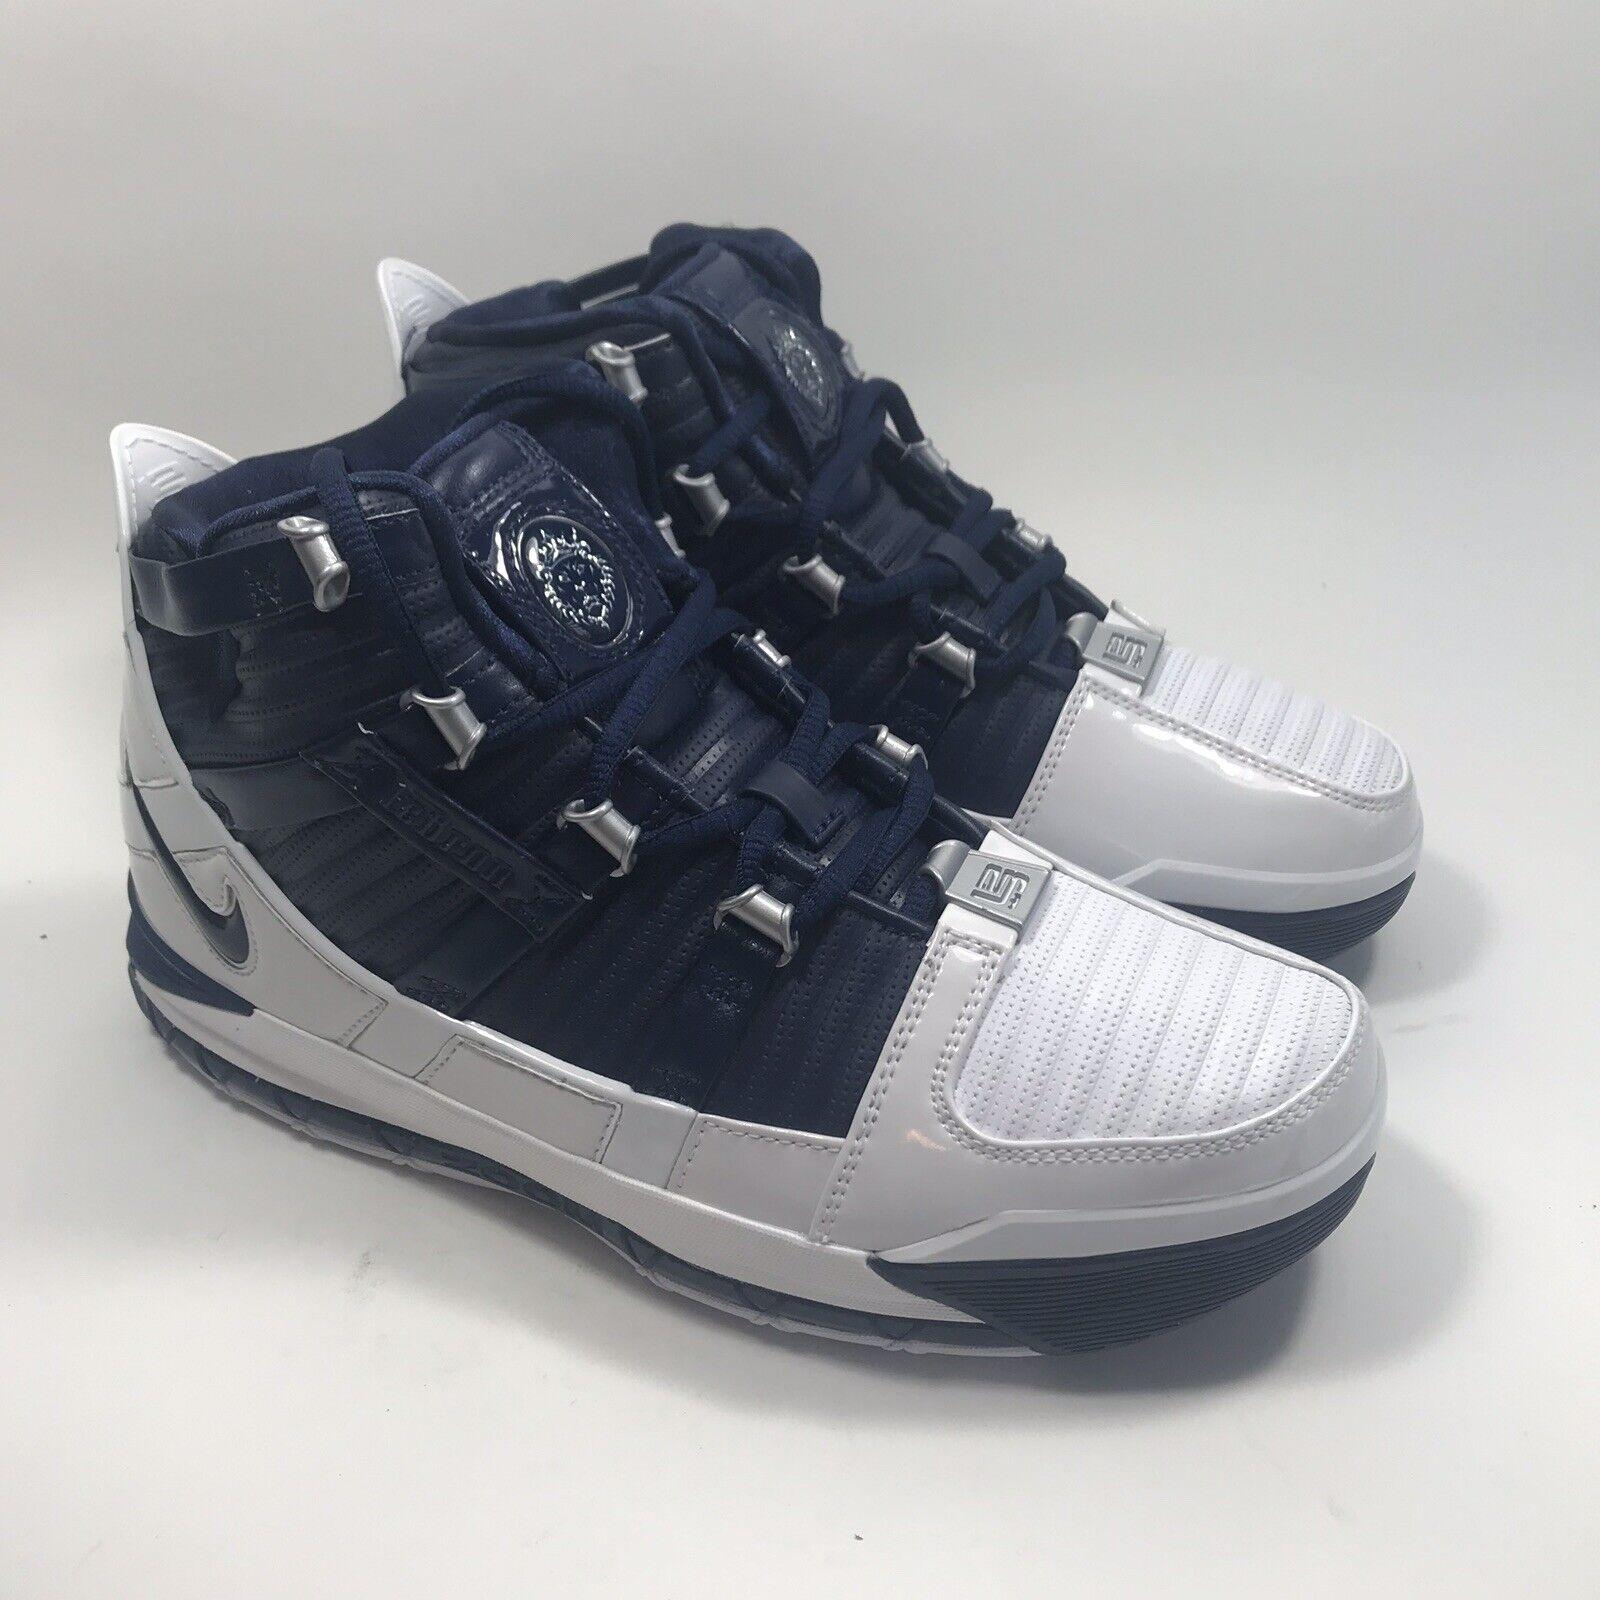 New Nike Zoom LeBron III 3 QS Retro AO2434-103 Size 8.5 Midnight Navy